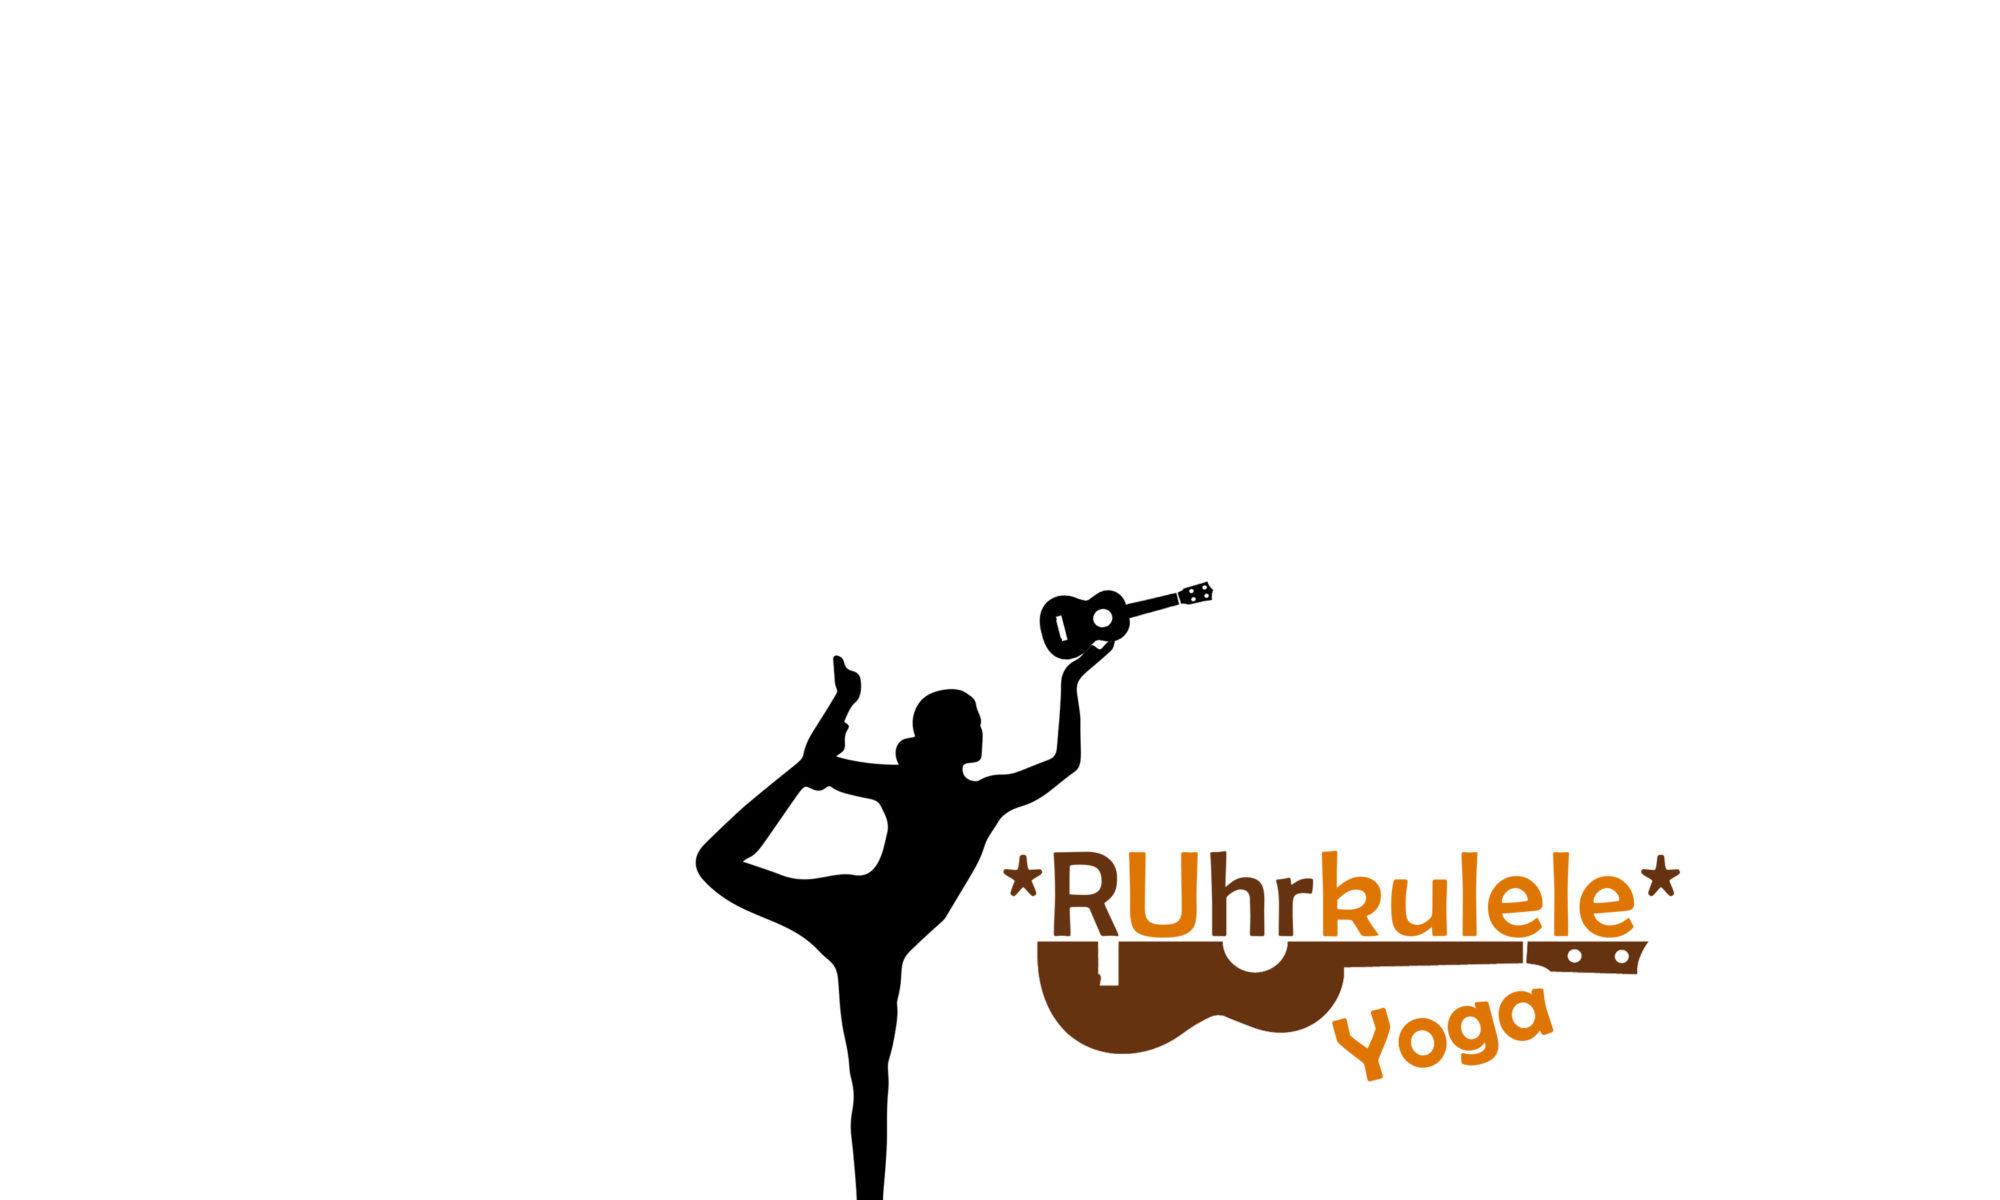 ruhrkulele-Yoga